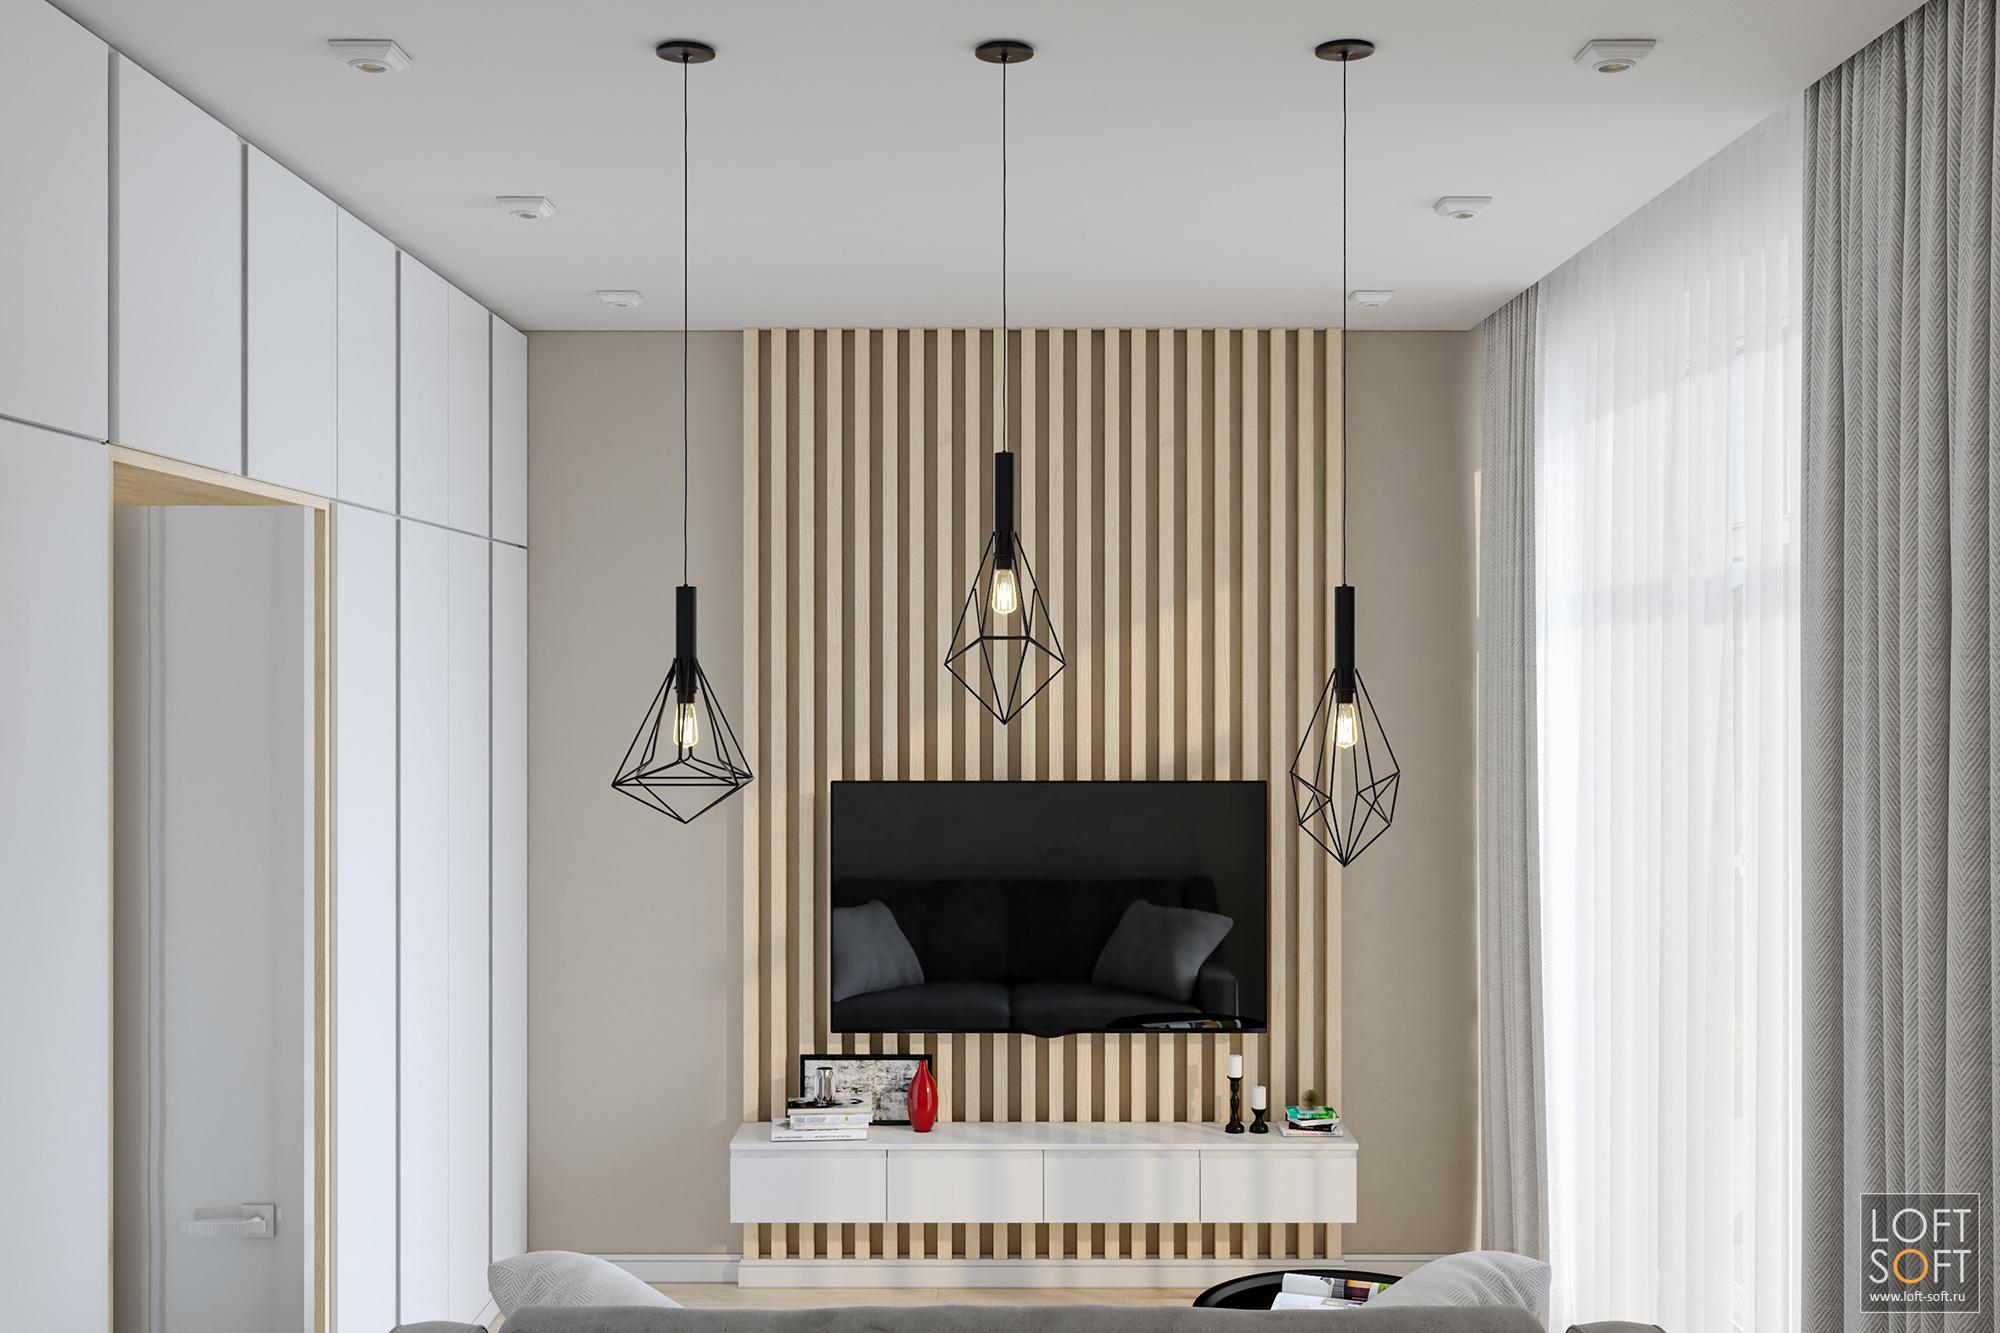 рейки для крепления телевизора, современный интерьер, светлая комната